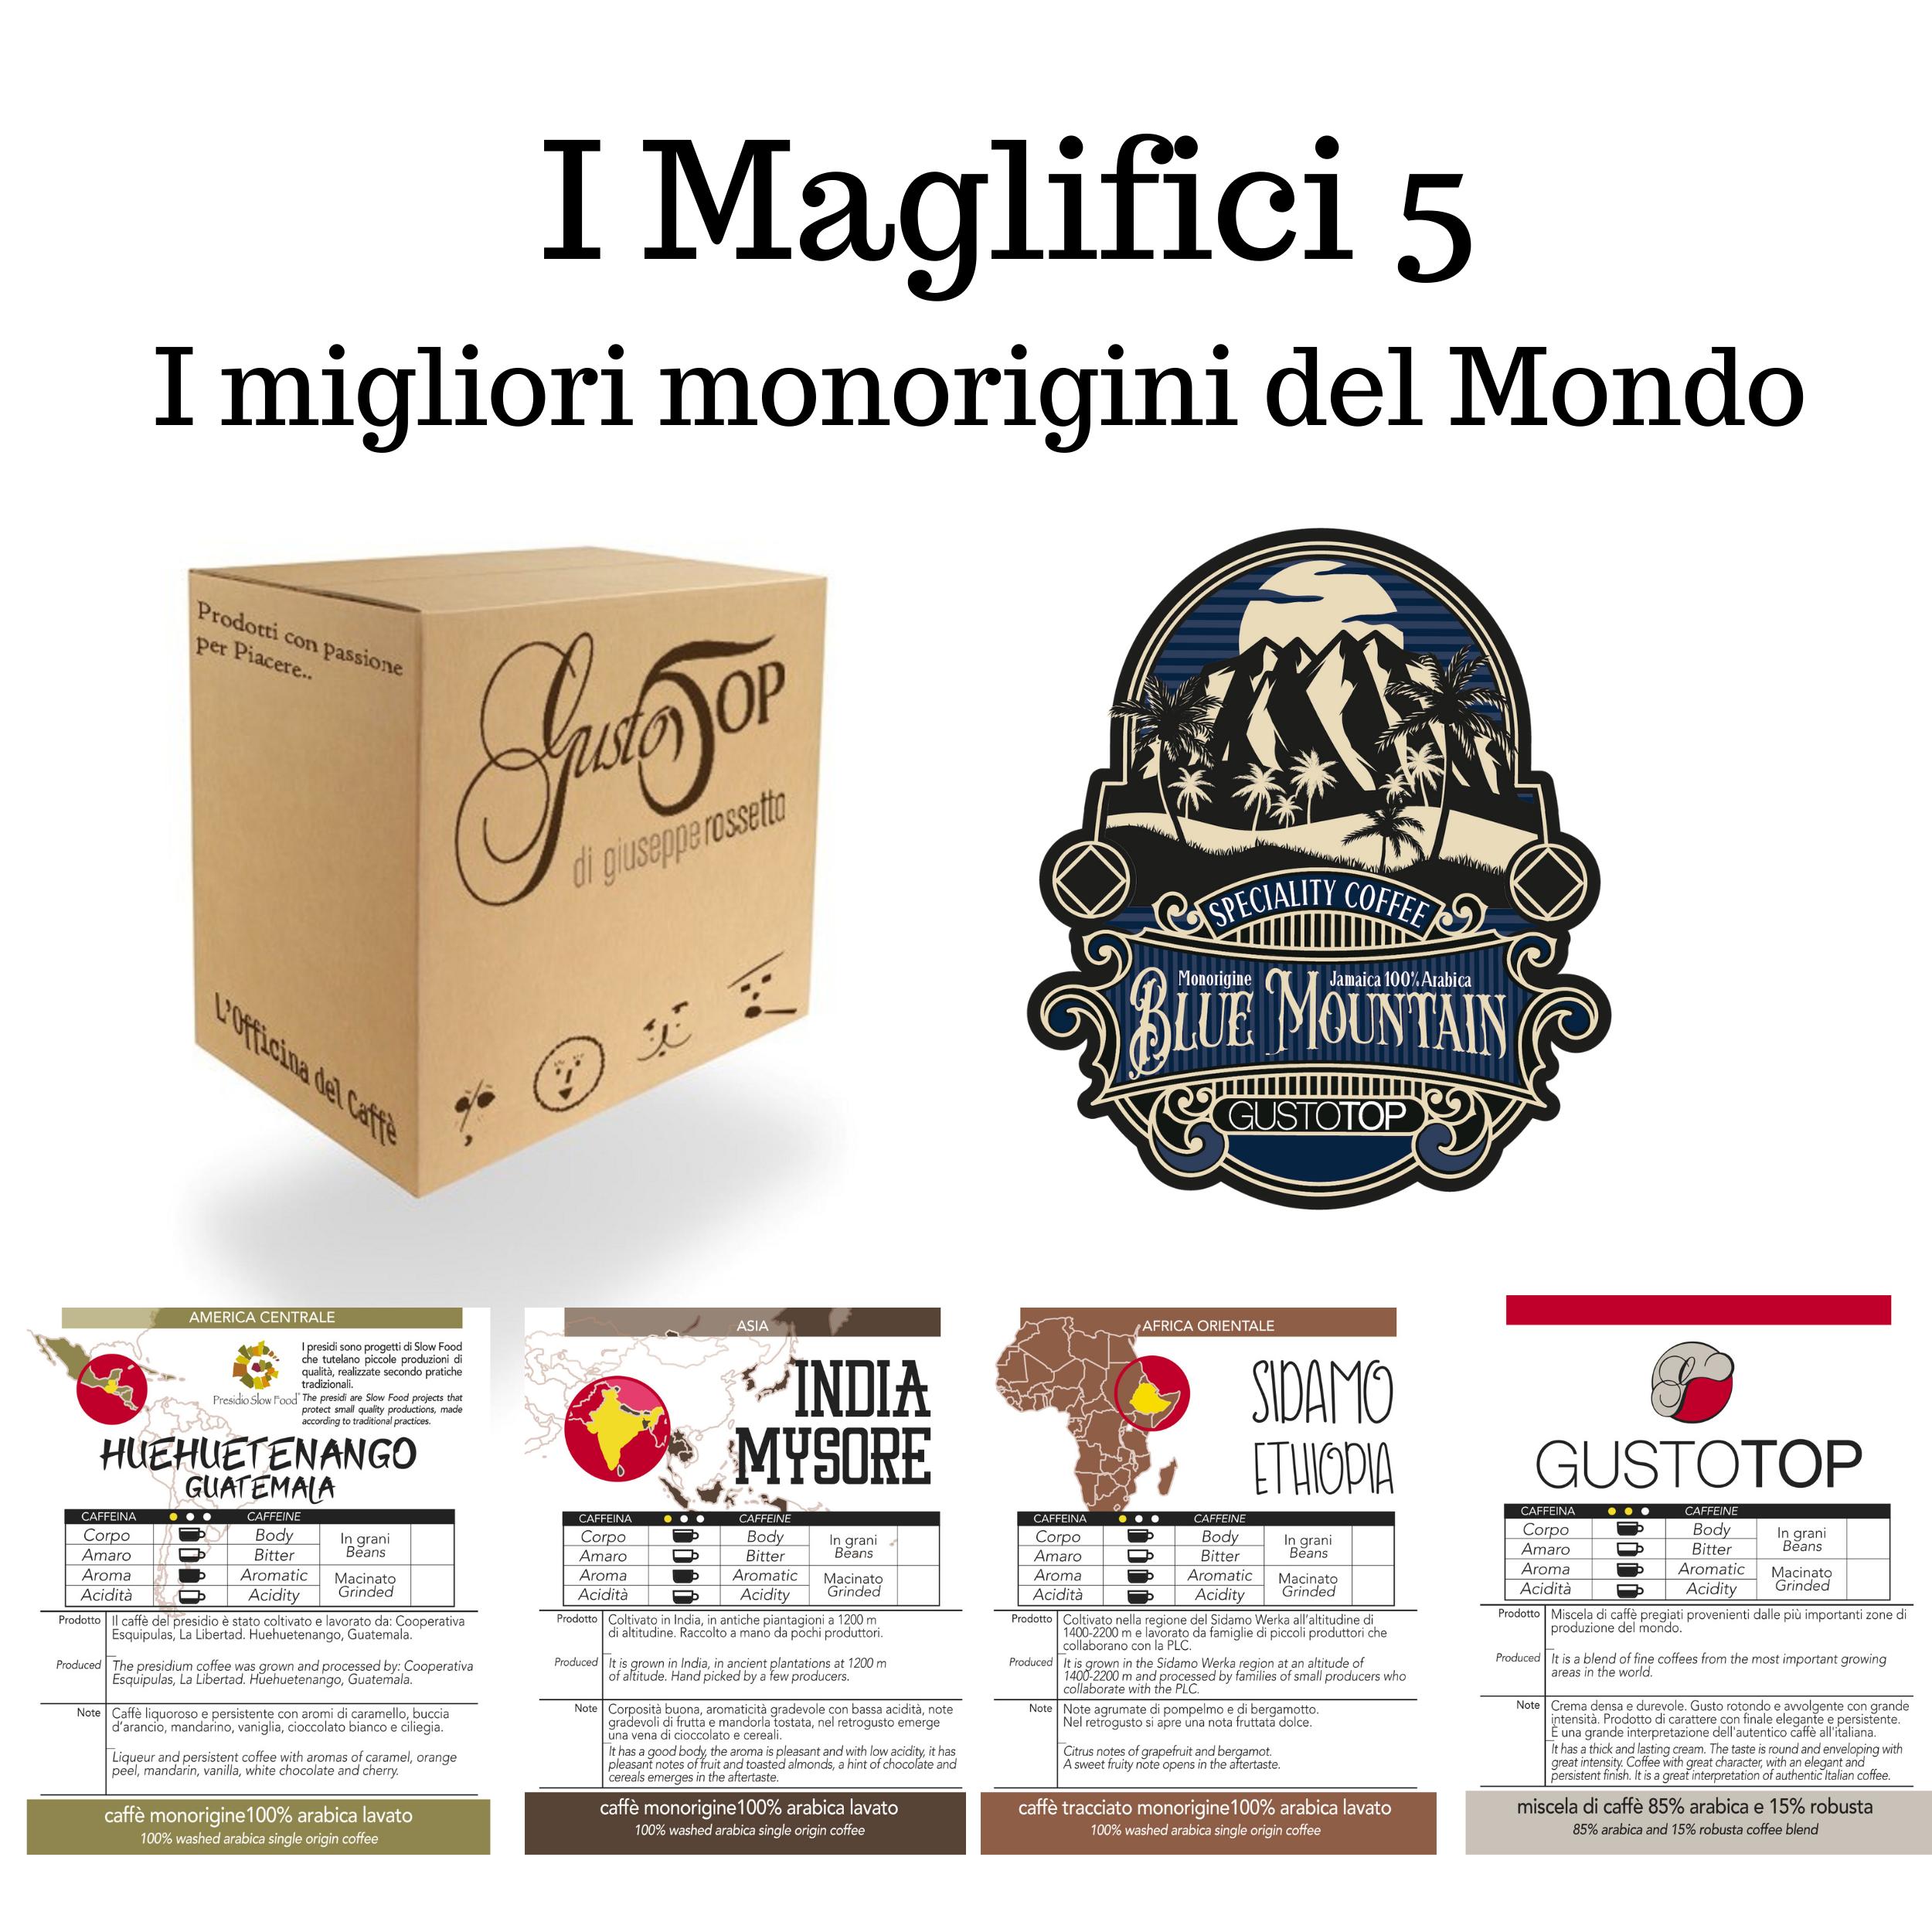 I MAGNIFICI 5, I 5 MONORIGINI TRA I MIGLIORI DEL MONDO, N. 35 CAFFÈ IN CIALDE.